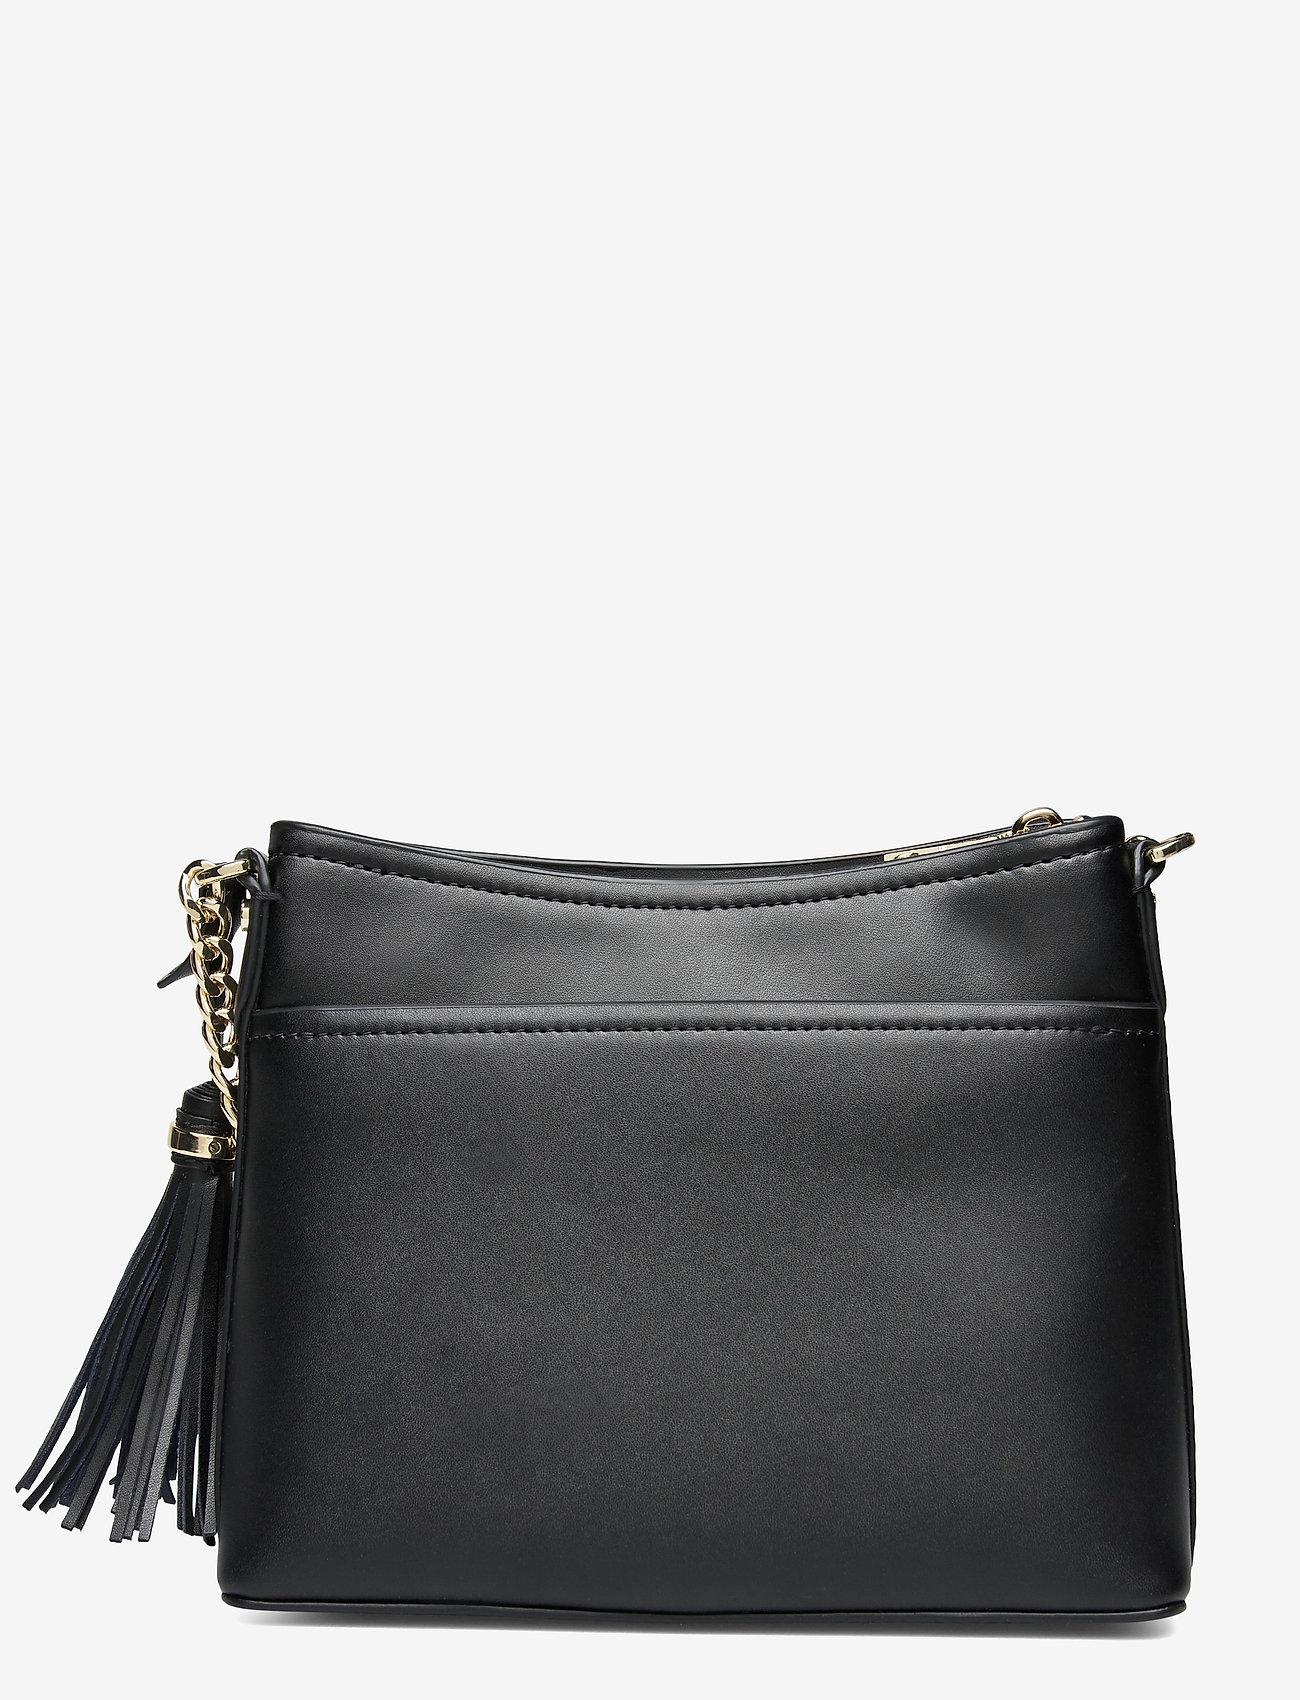 Aalta Top Zip Crossb (Blk/gold) (148.80 €) - DKNY Bags 4dB1T